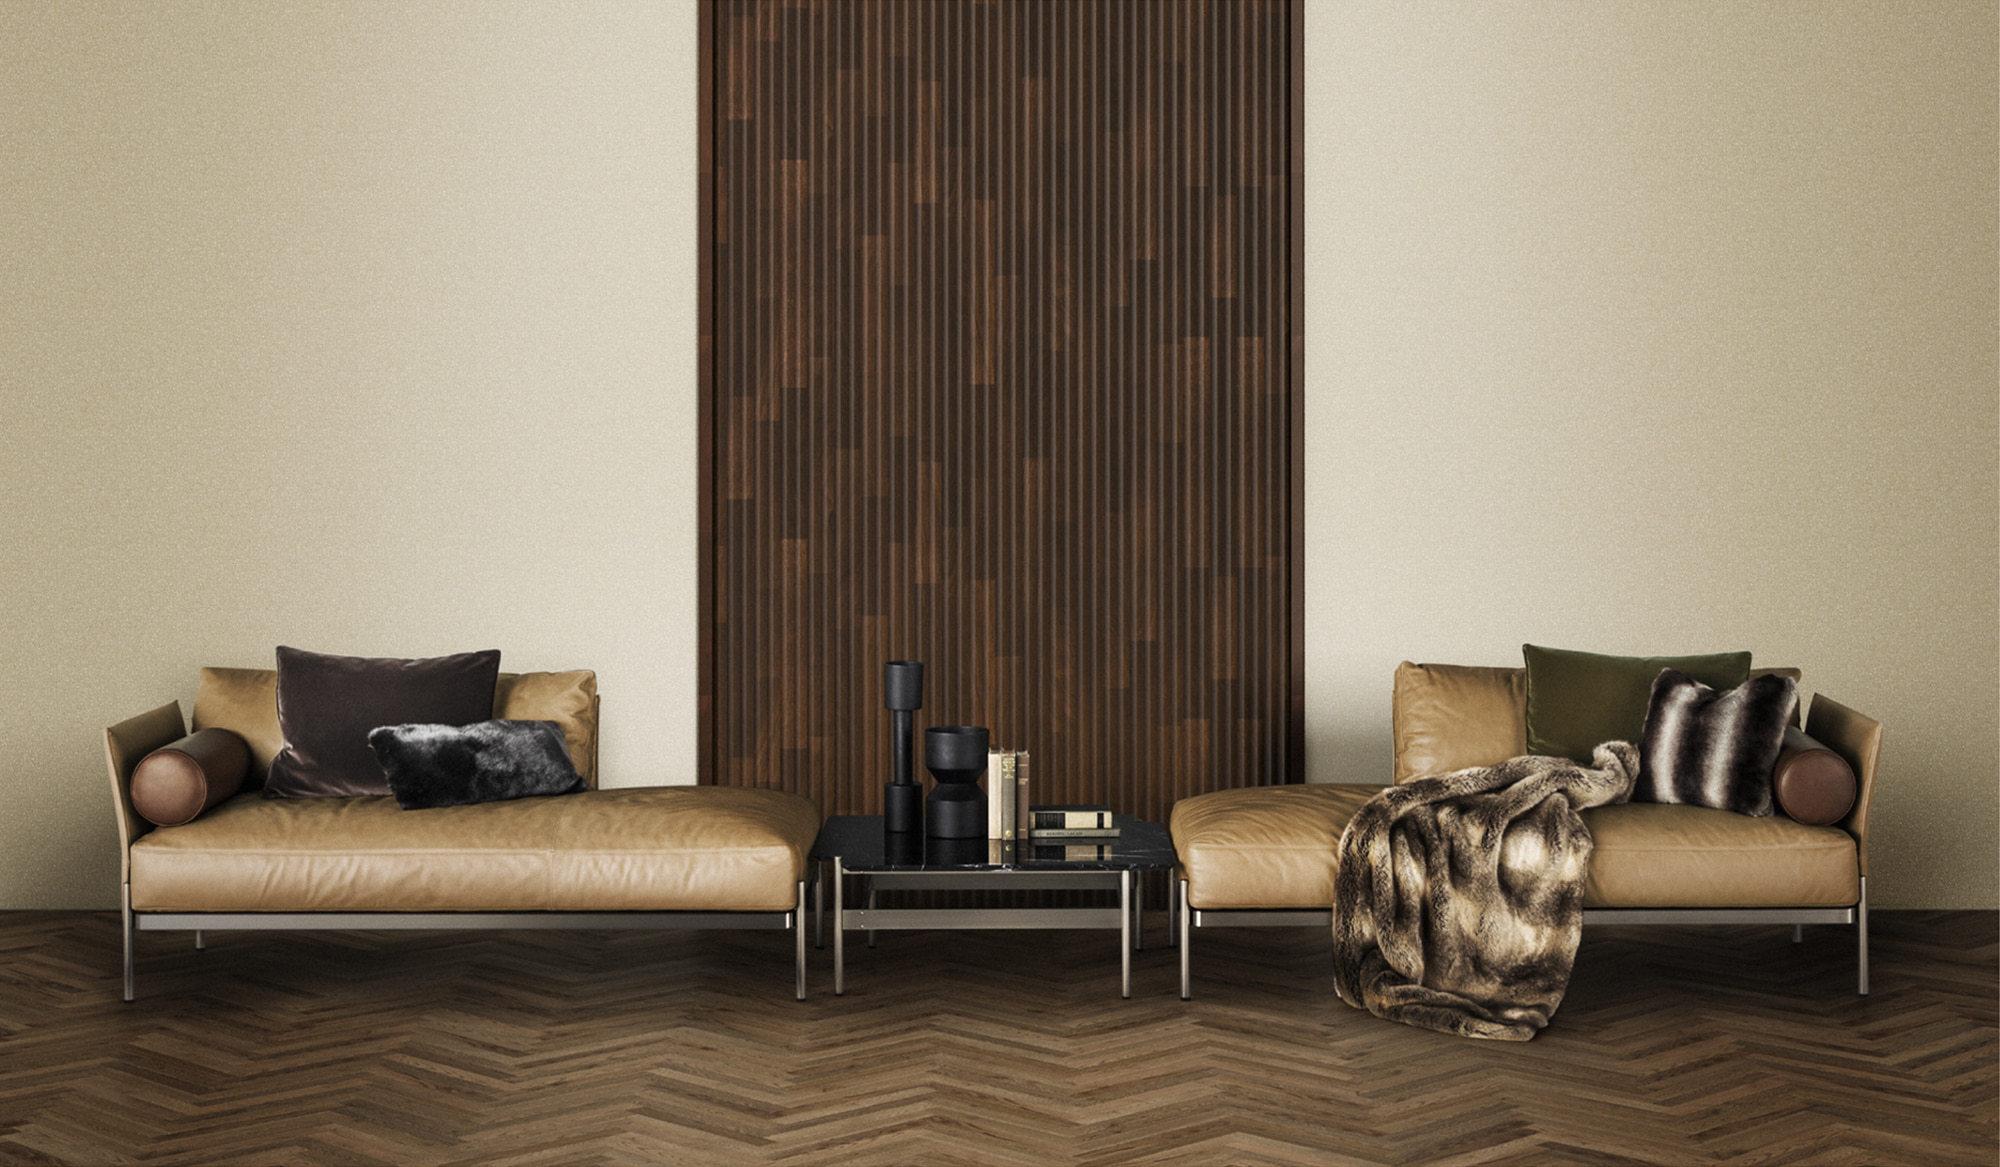 シャープな脚部とゆったりとしたクッションのコントラストが魅力のソファ「BOURG」を中心に、ロビーラウンジをイメージして構成されたゾーン。